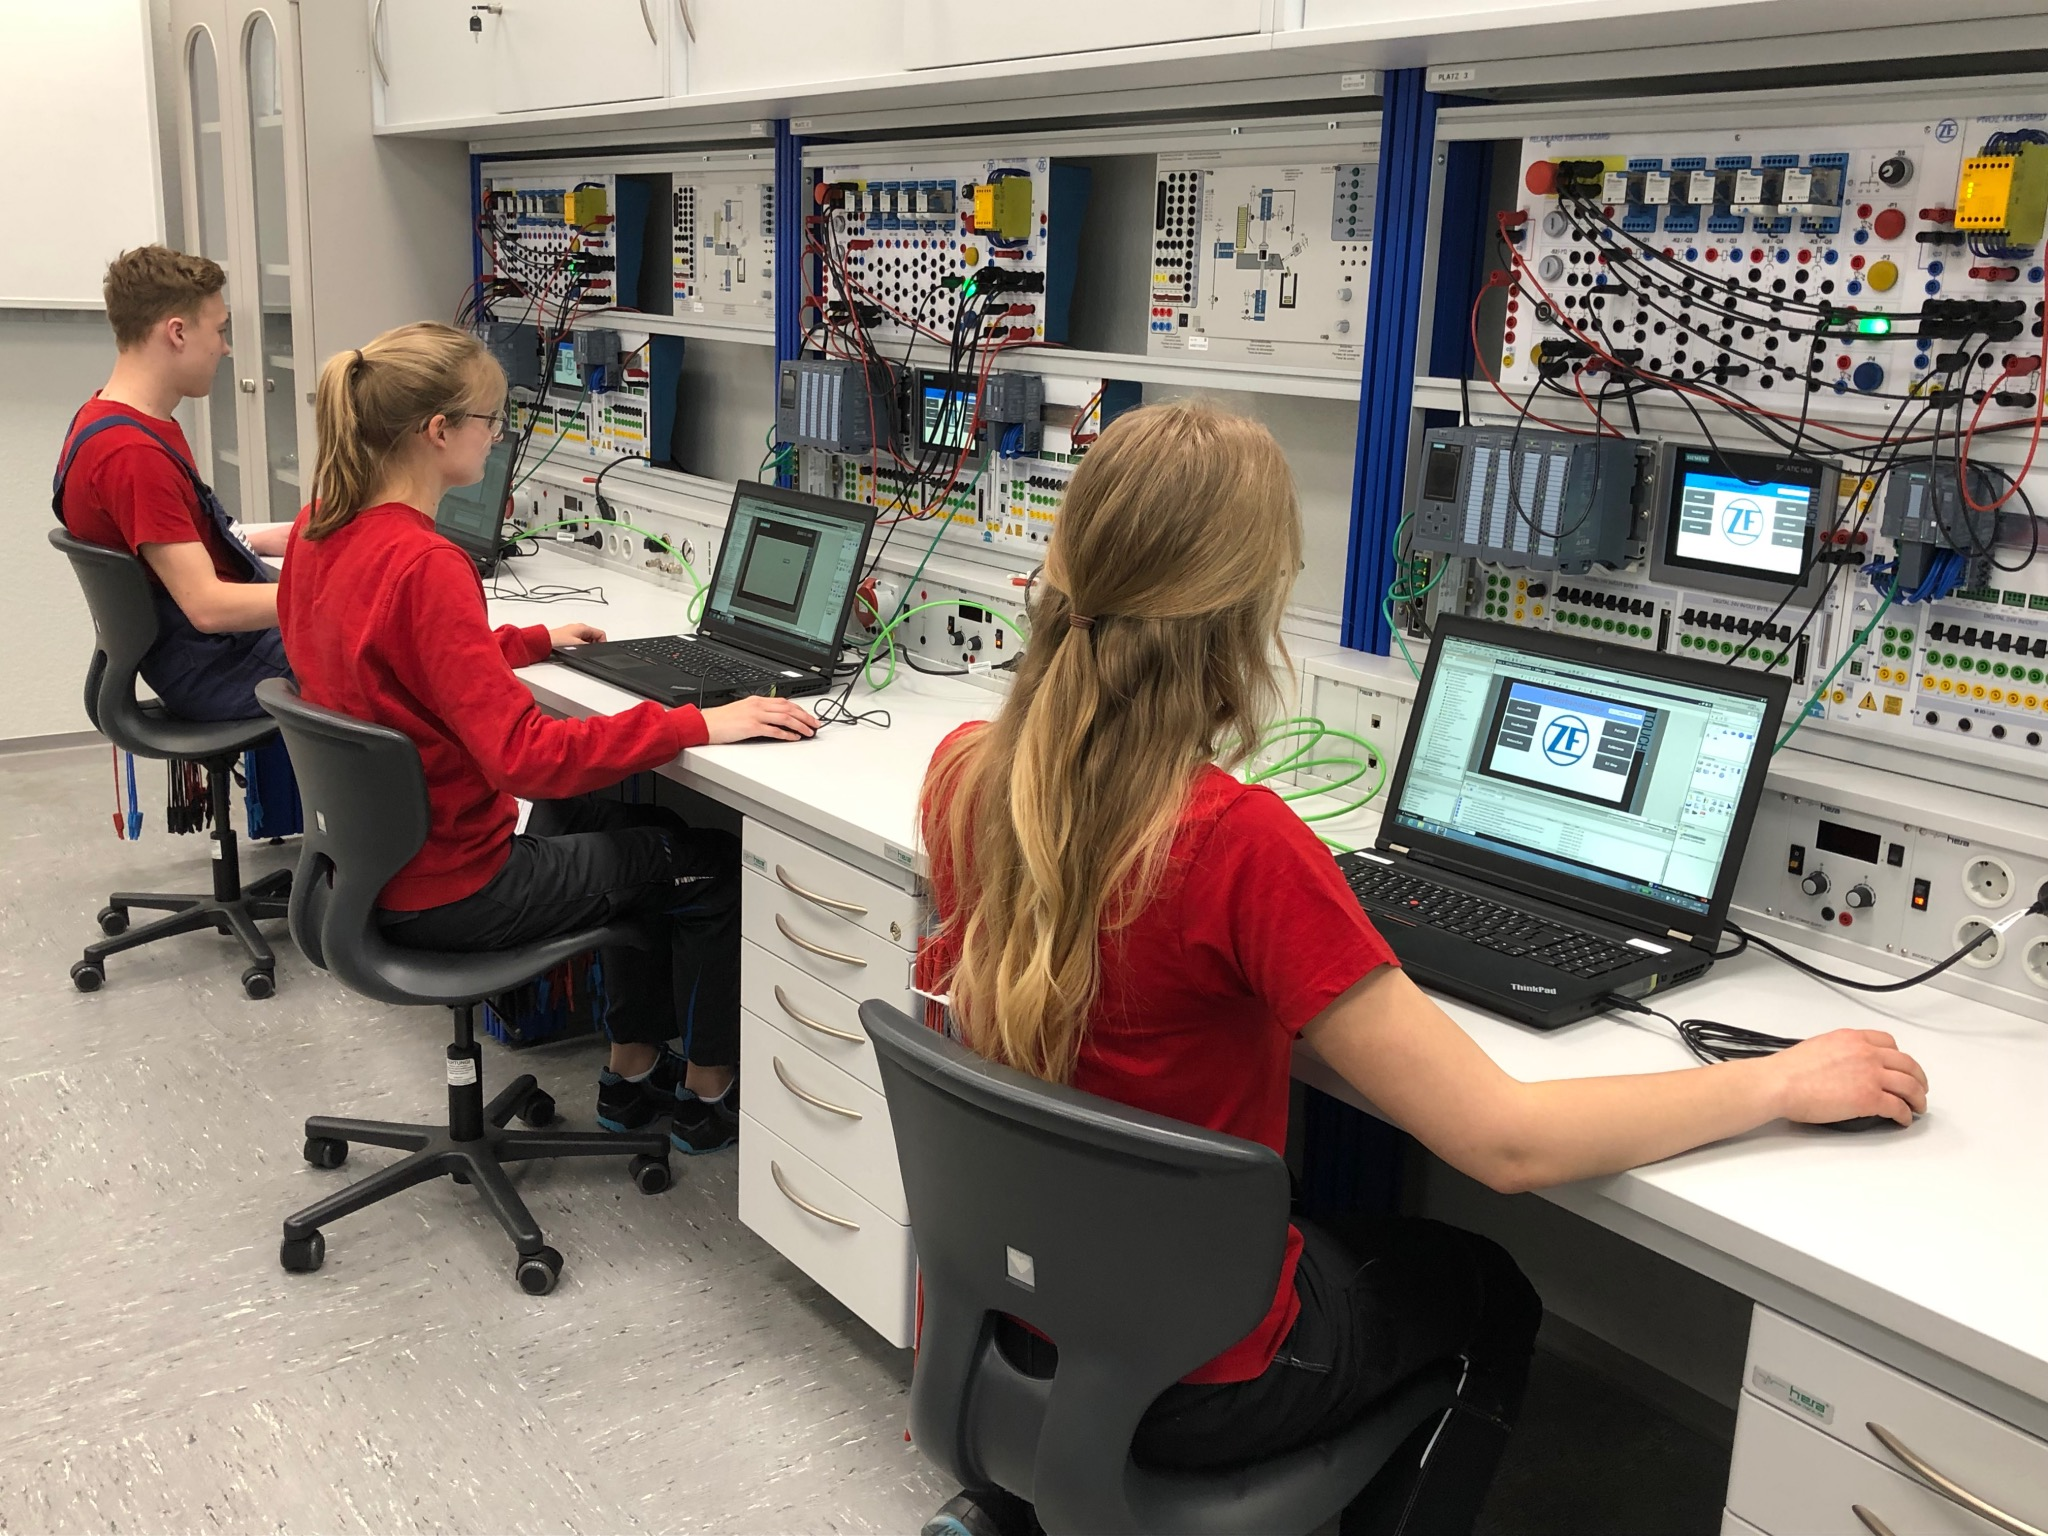 Drei Stockwerke umfasst das Ausbildungszentrum von ZF, auf denen unter anderem technische Fertigkeiten vermittelt werden. Foto: ZF Schweinfurt